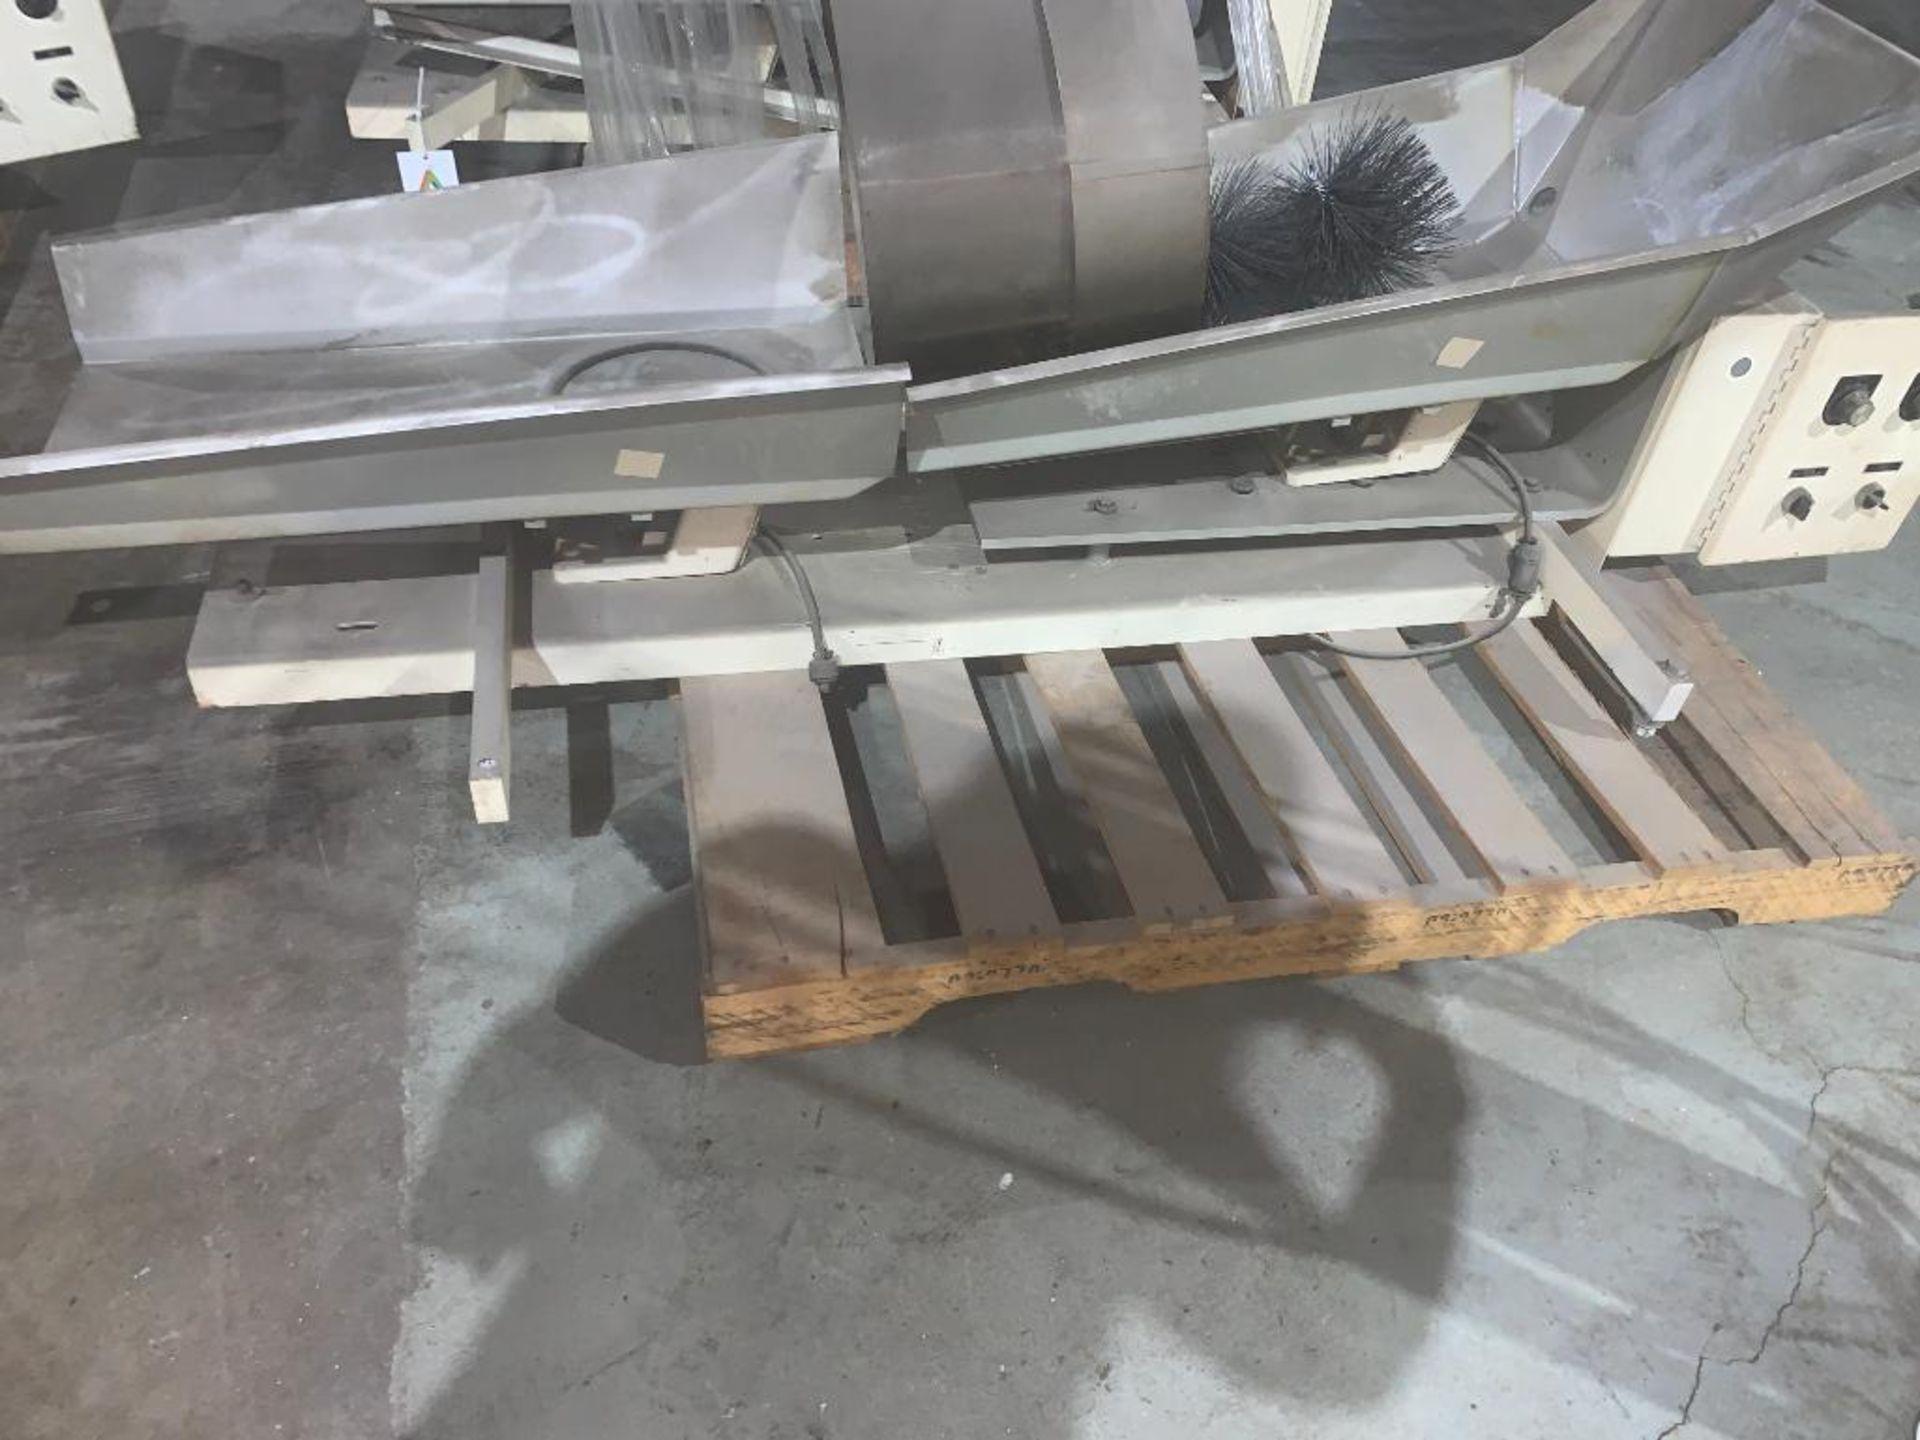 vibratory conveyor - Image 5 of 6